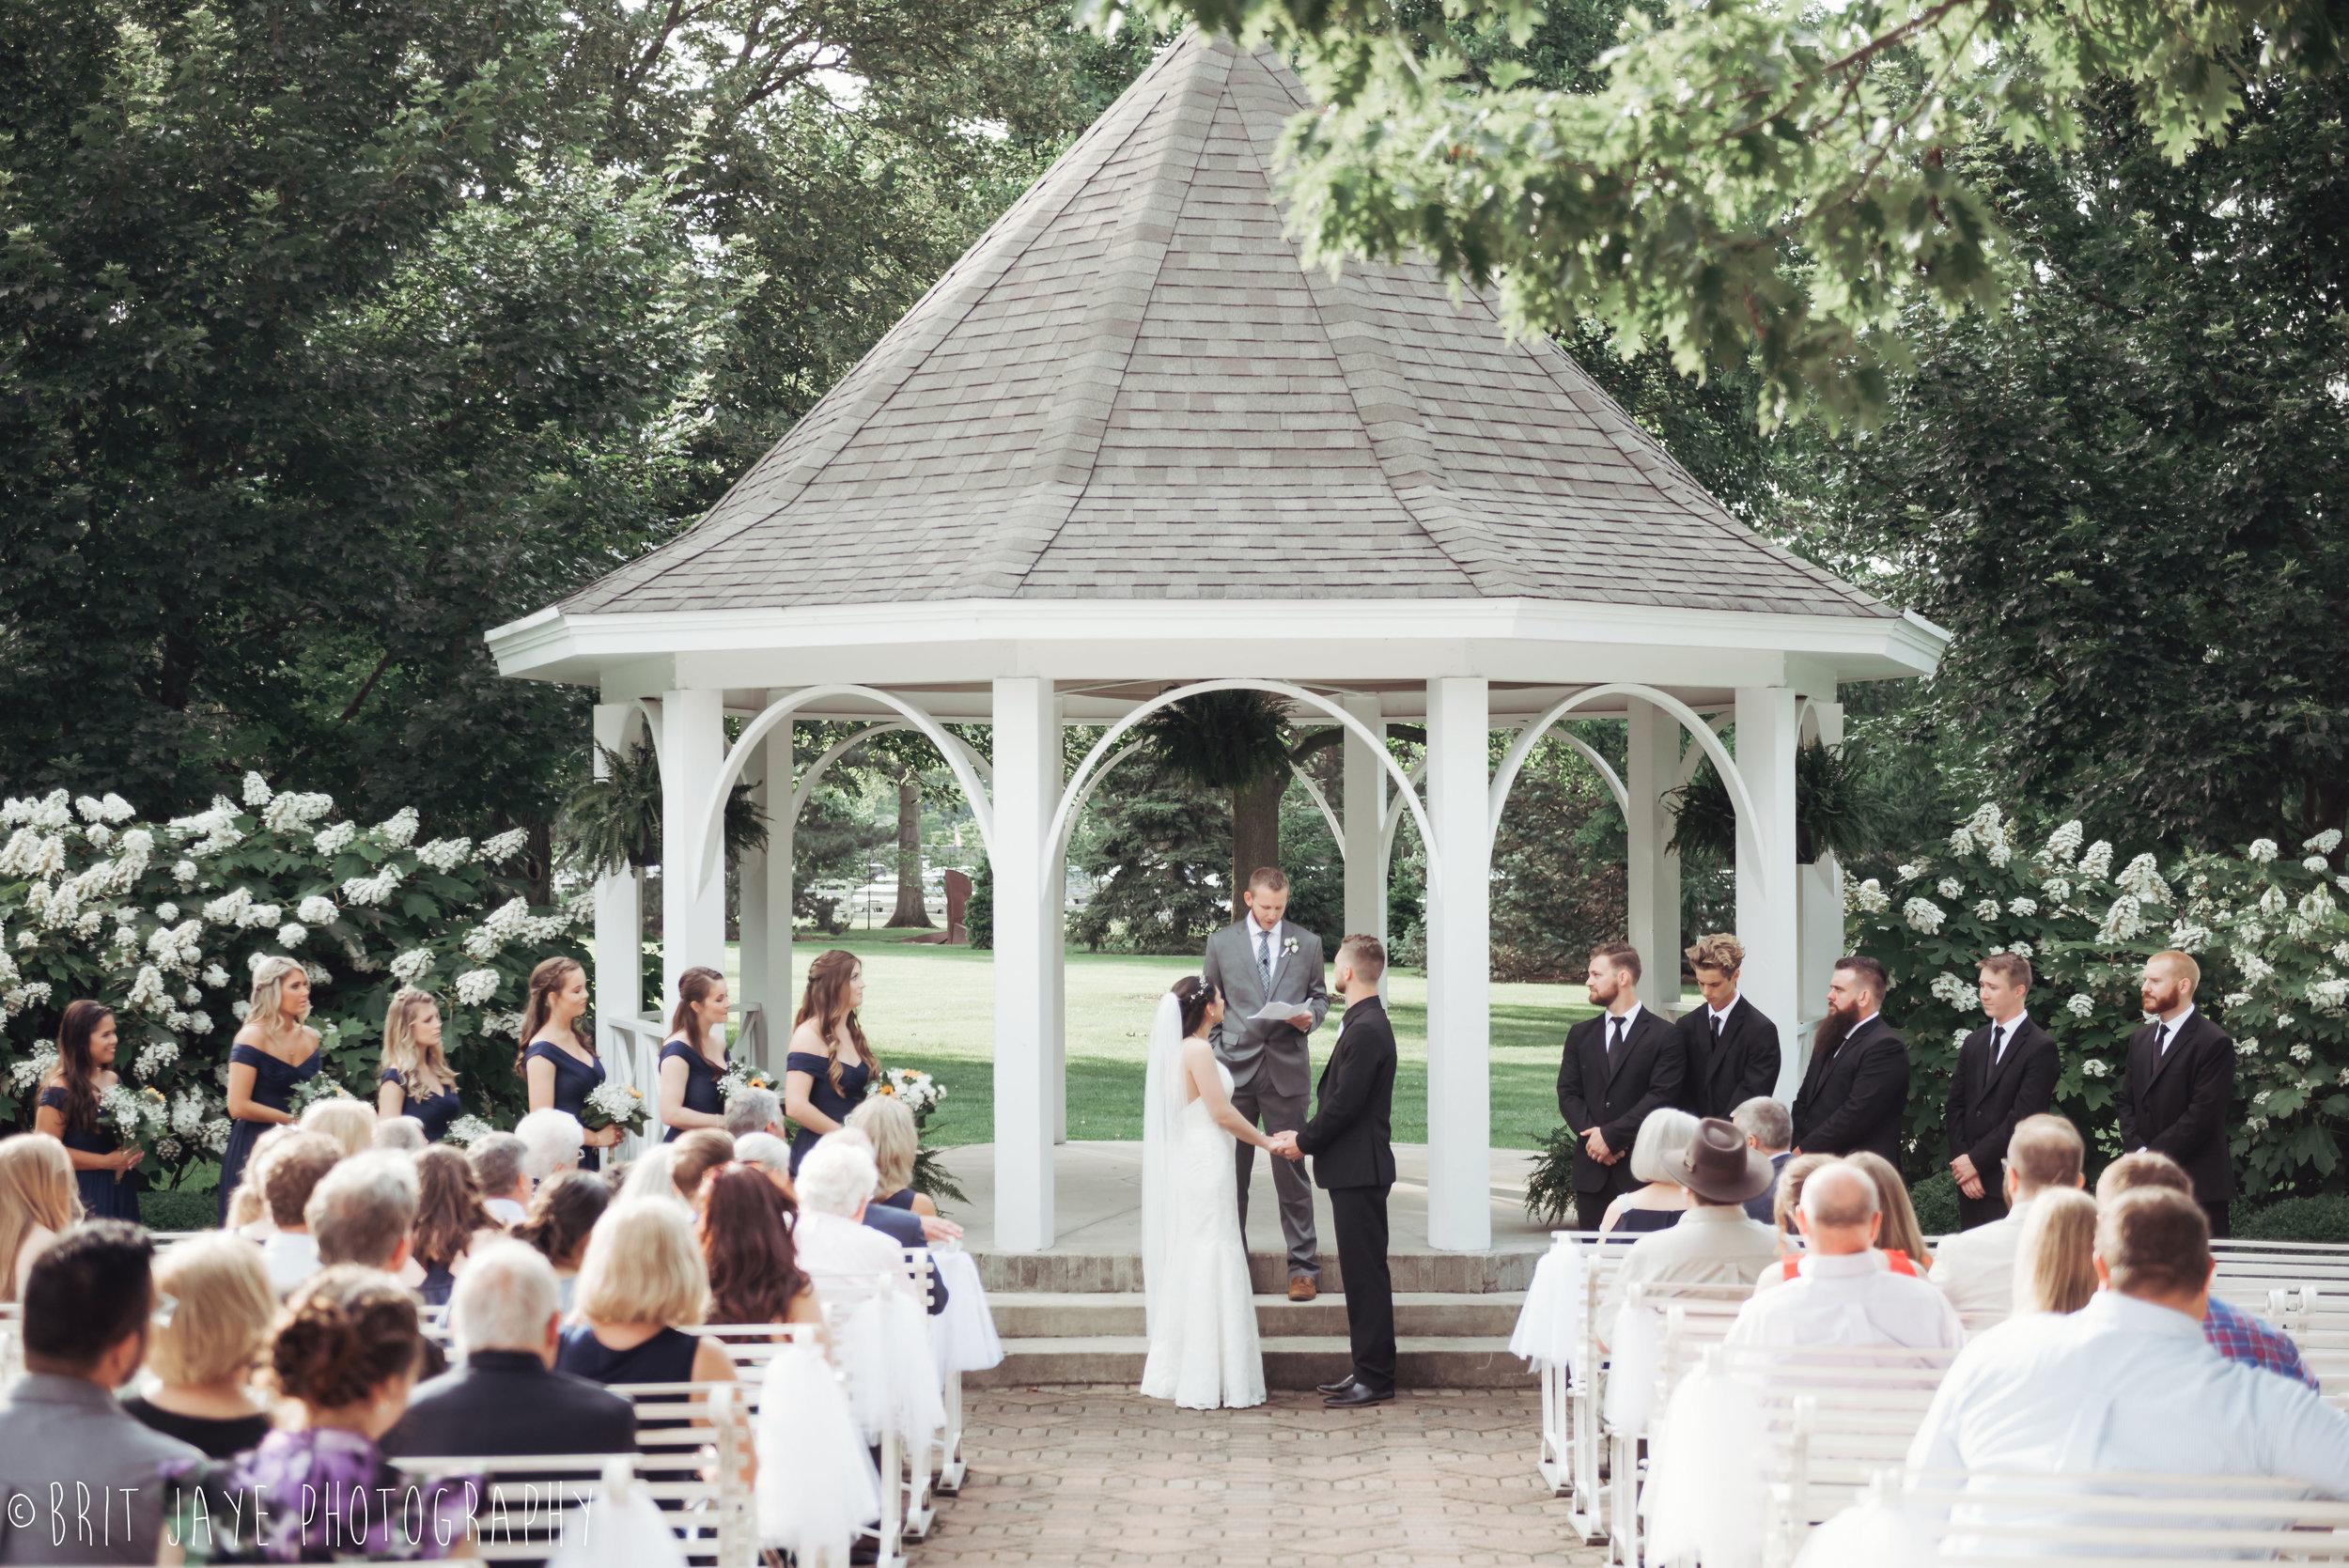 Polen_Farm_Summer_Wedding_Dayton_Ohio-92.jpg